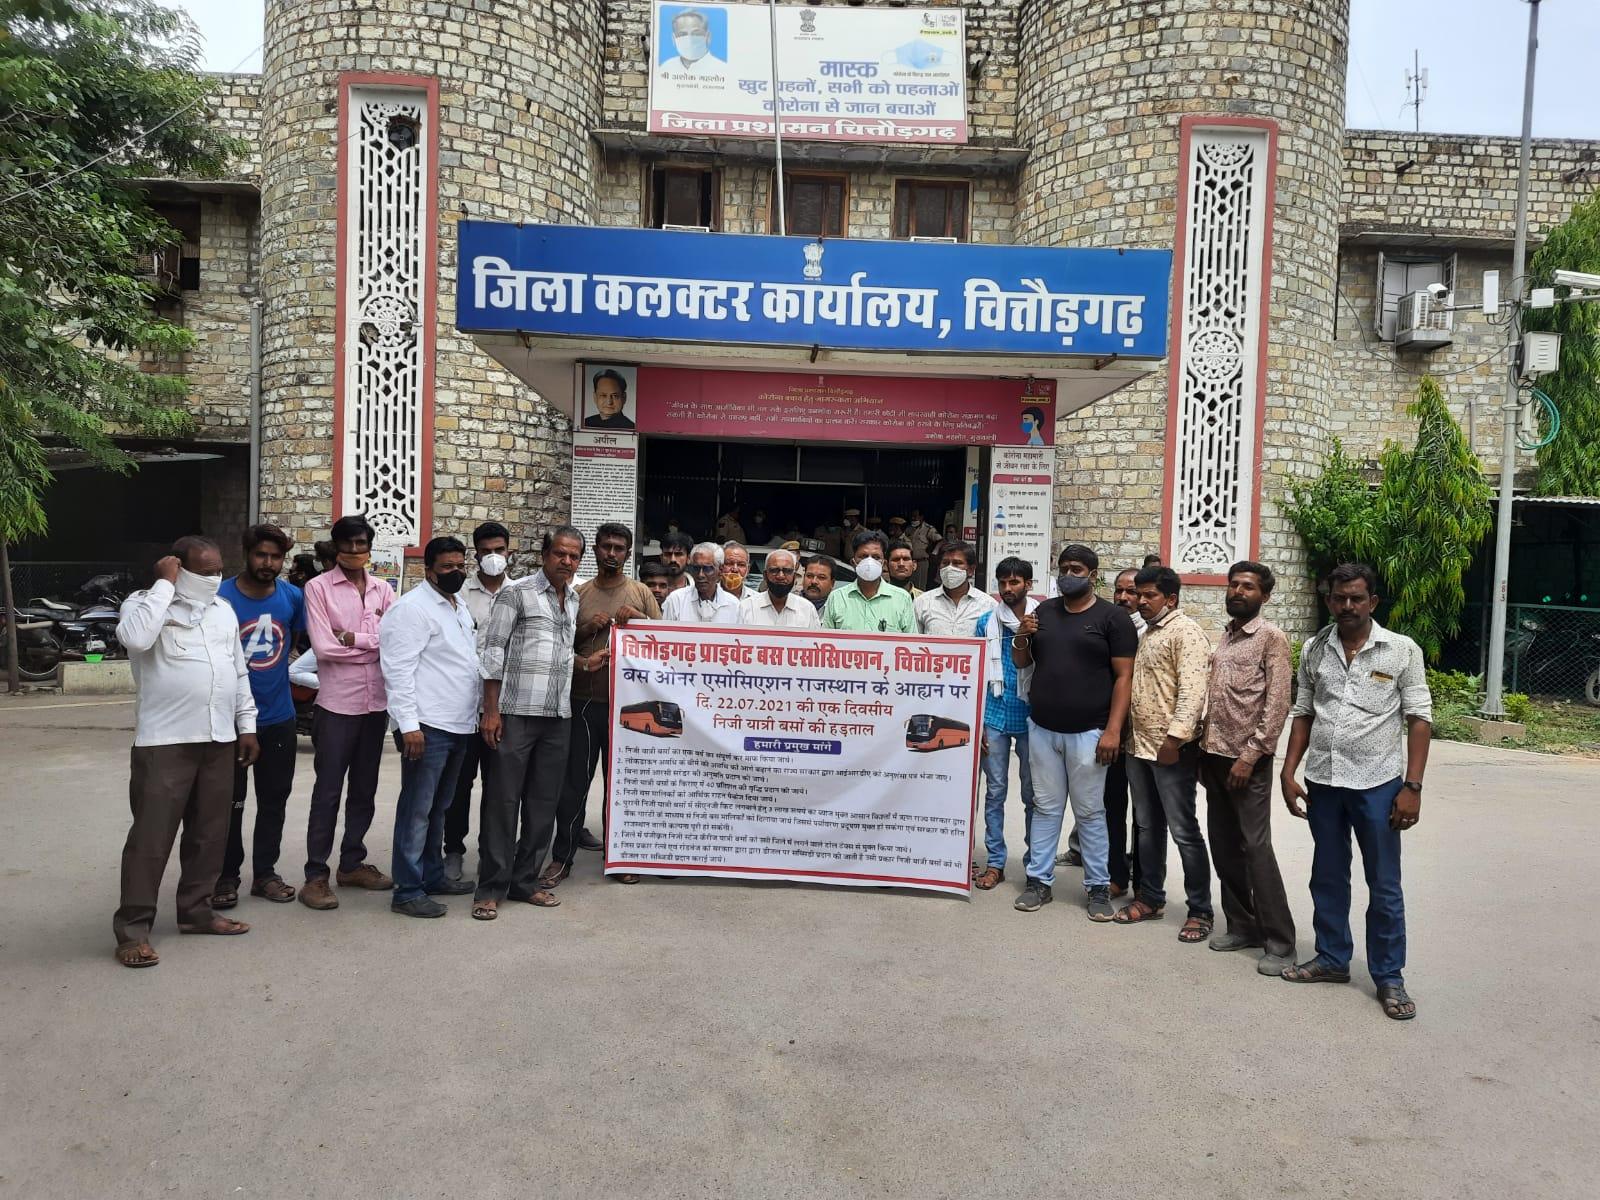 सीएनजी के लिए बिना ब्याज लोन और सब्सिड़ी की मांगों काे लेकर हड़ताल, यात्री होते रहे परेशान|चित्तौड़गढ़,Chittorgarh - Dainik Bhaskar